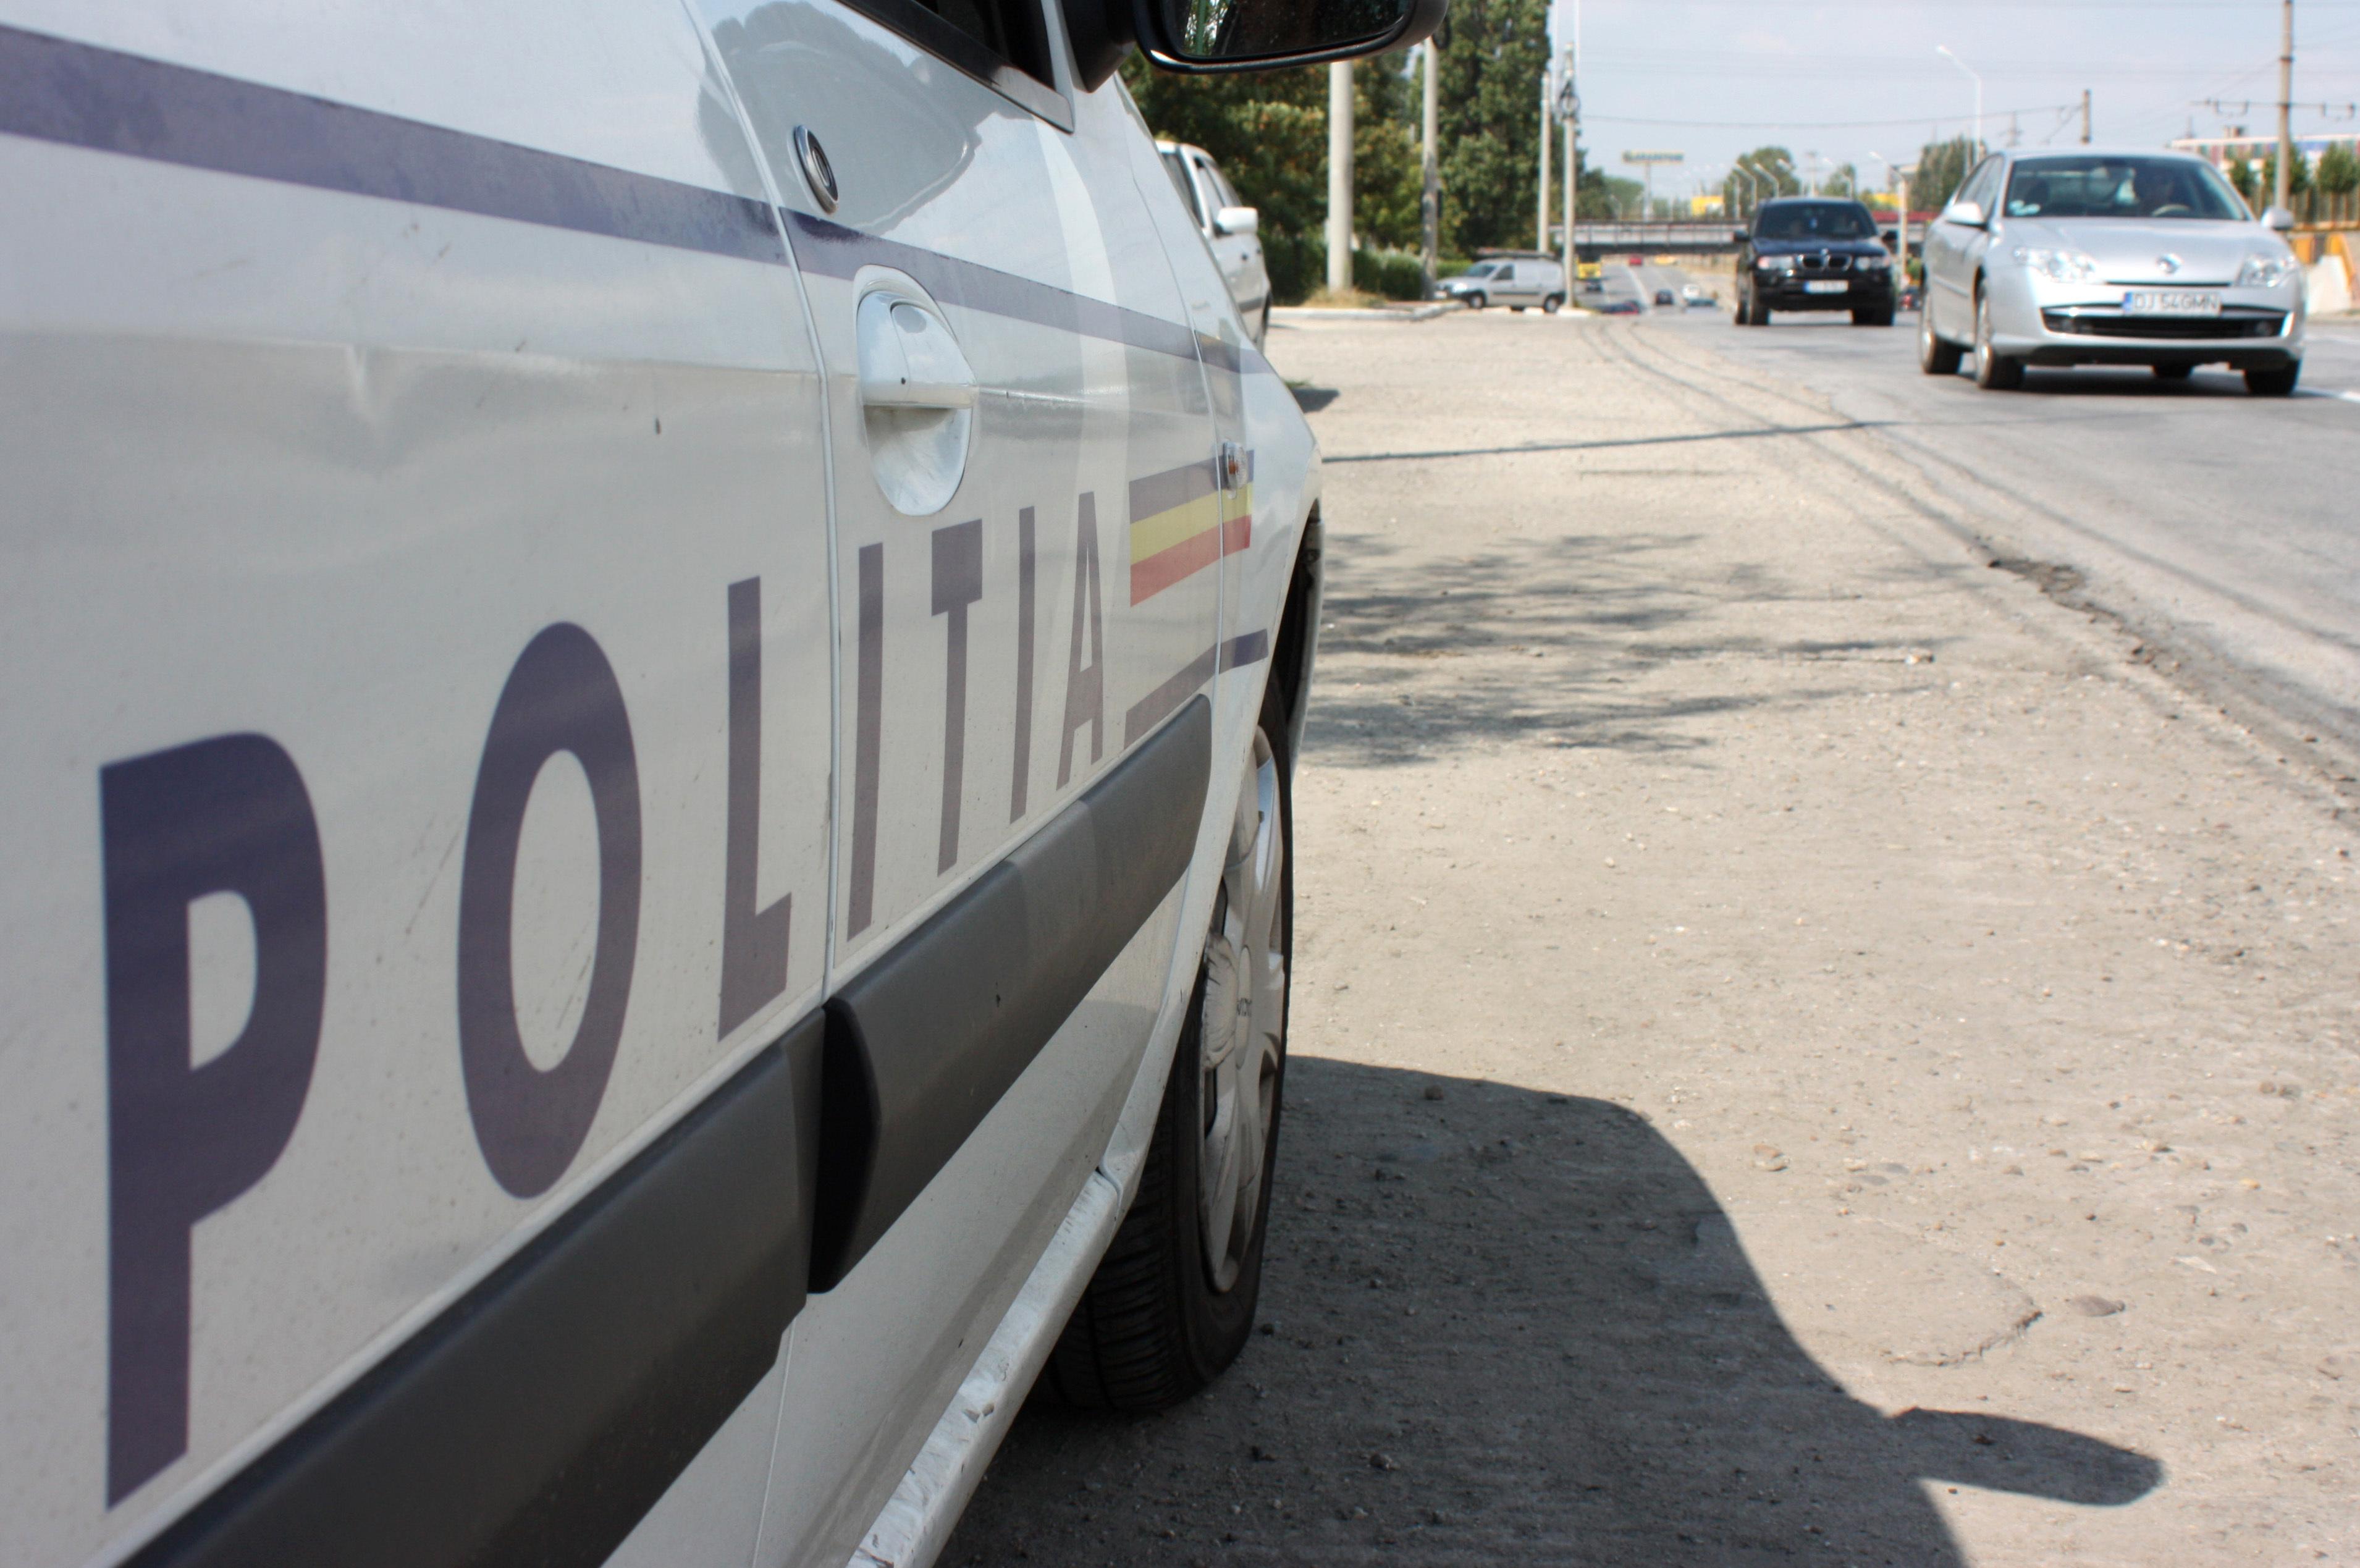 Bărbat de 55 de ani, dispărut de două zile, căutat în Munţii Gurghiu, judeţul Mureş